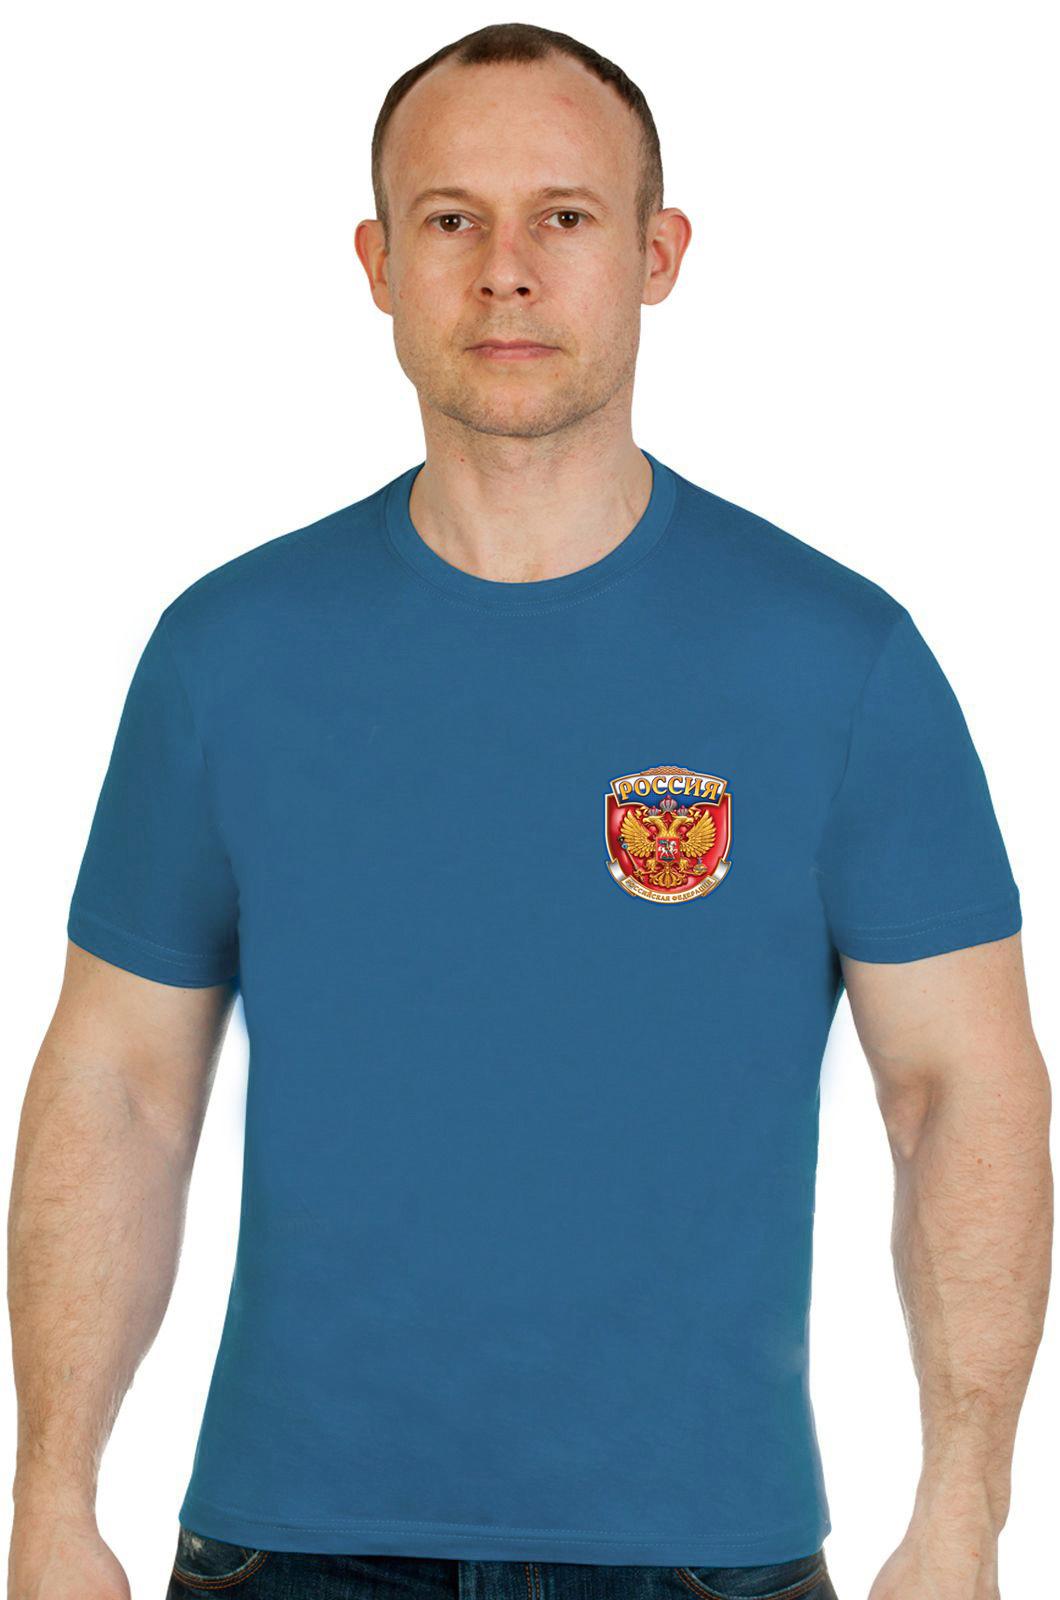 Заказать патриотическую футболку с символикой России оптом